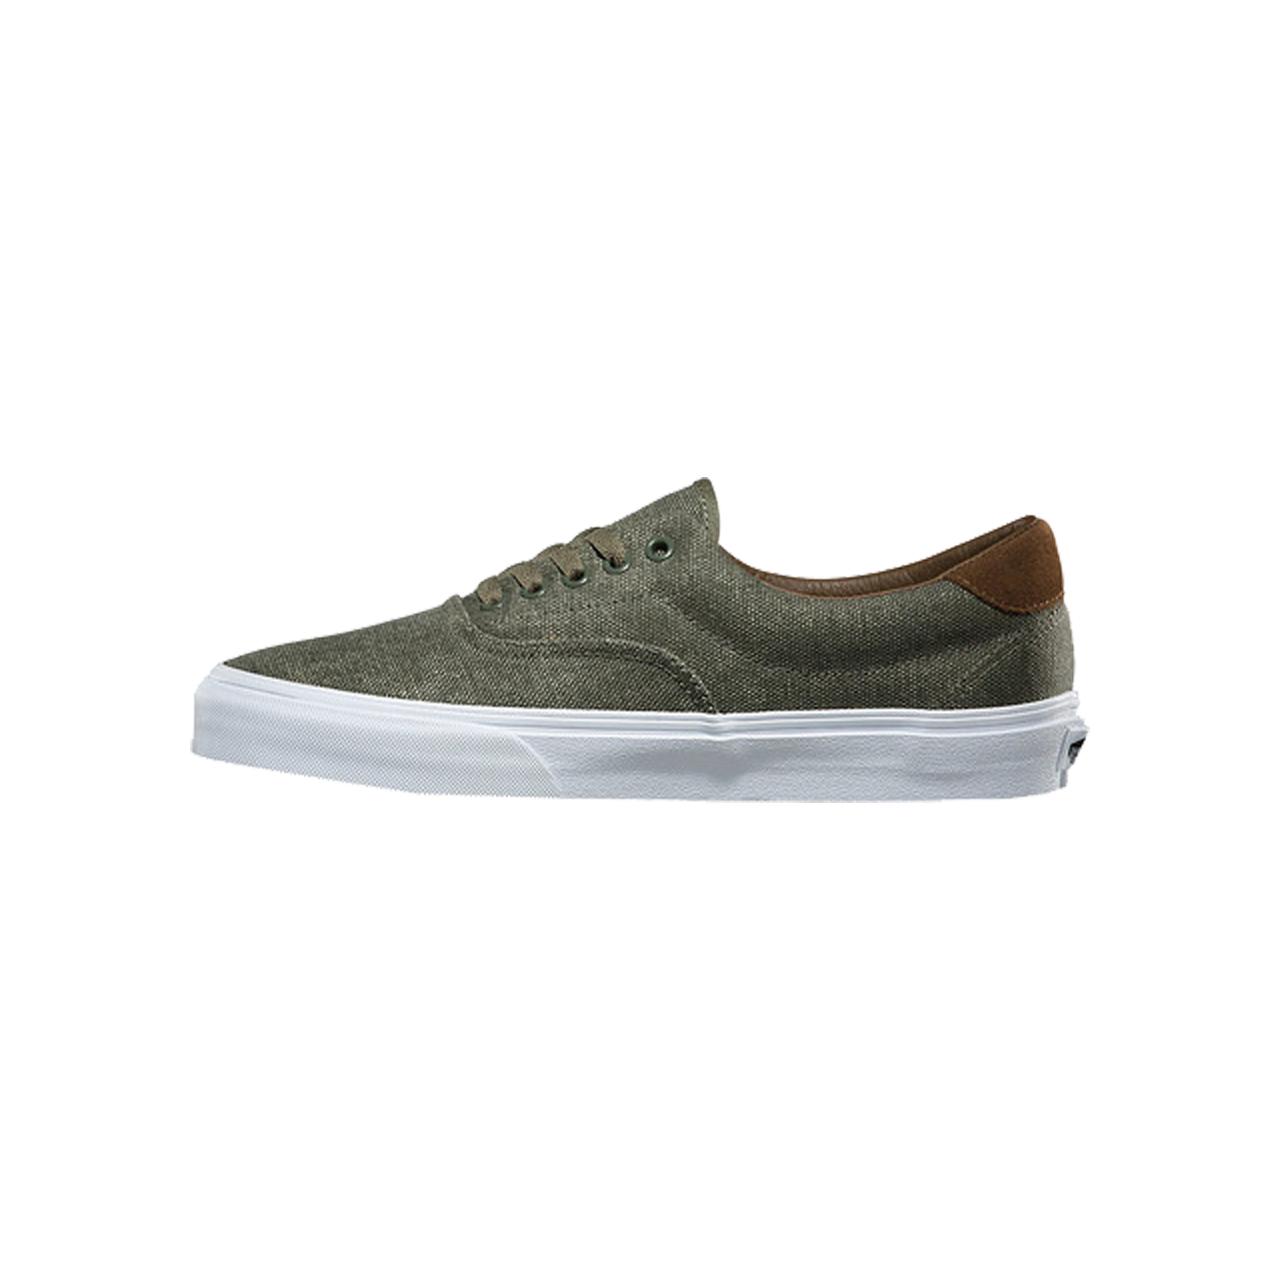 کفش مردانه ونس مدل Era 59